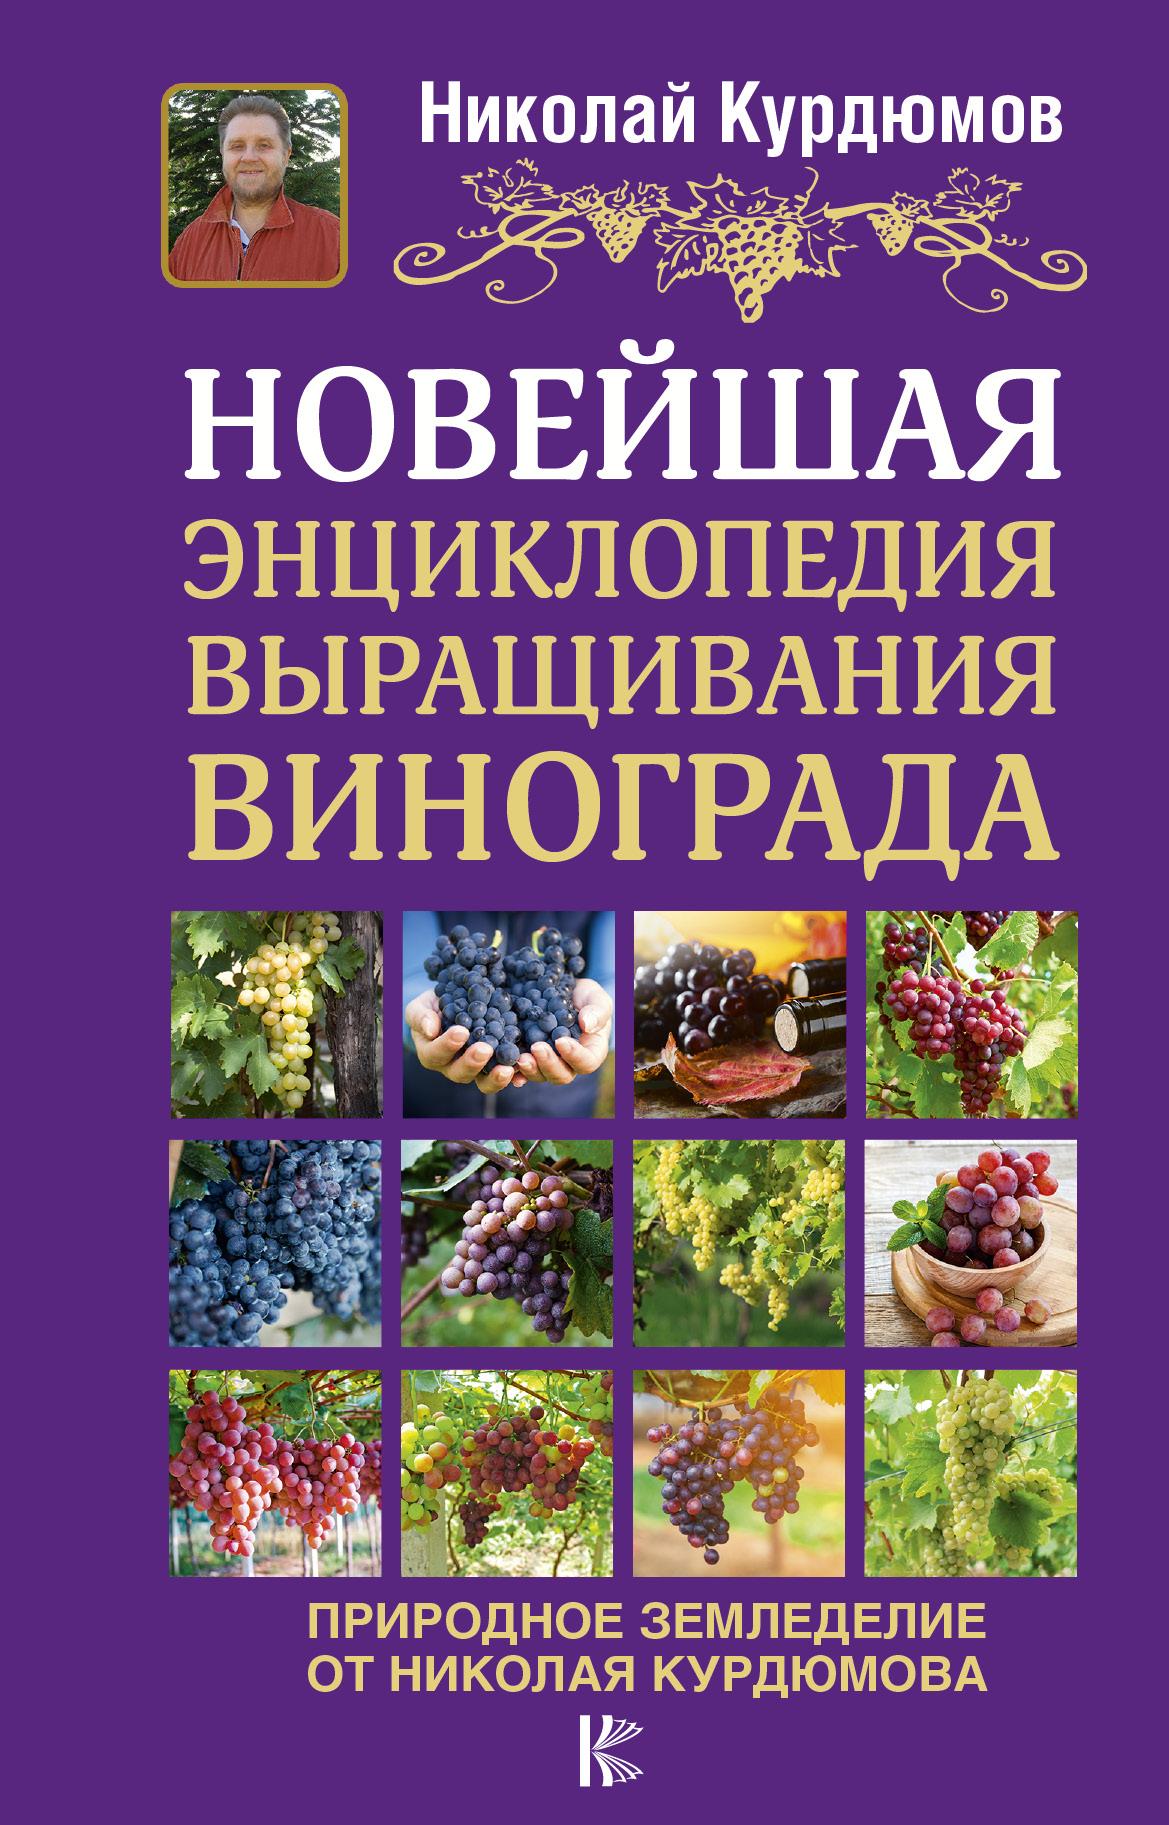 Николай Курдюмов Новейшая энциклопедия выращивания винограда